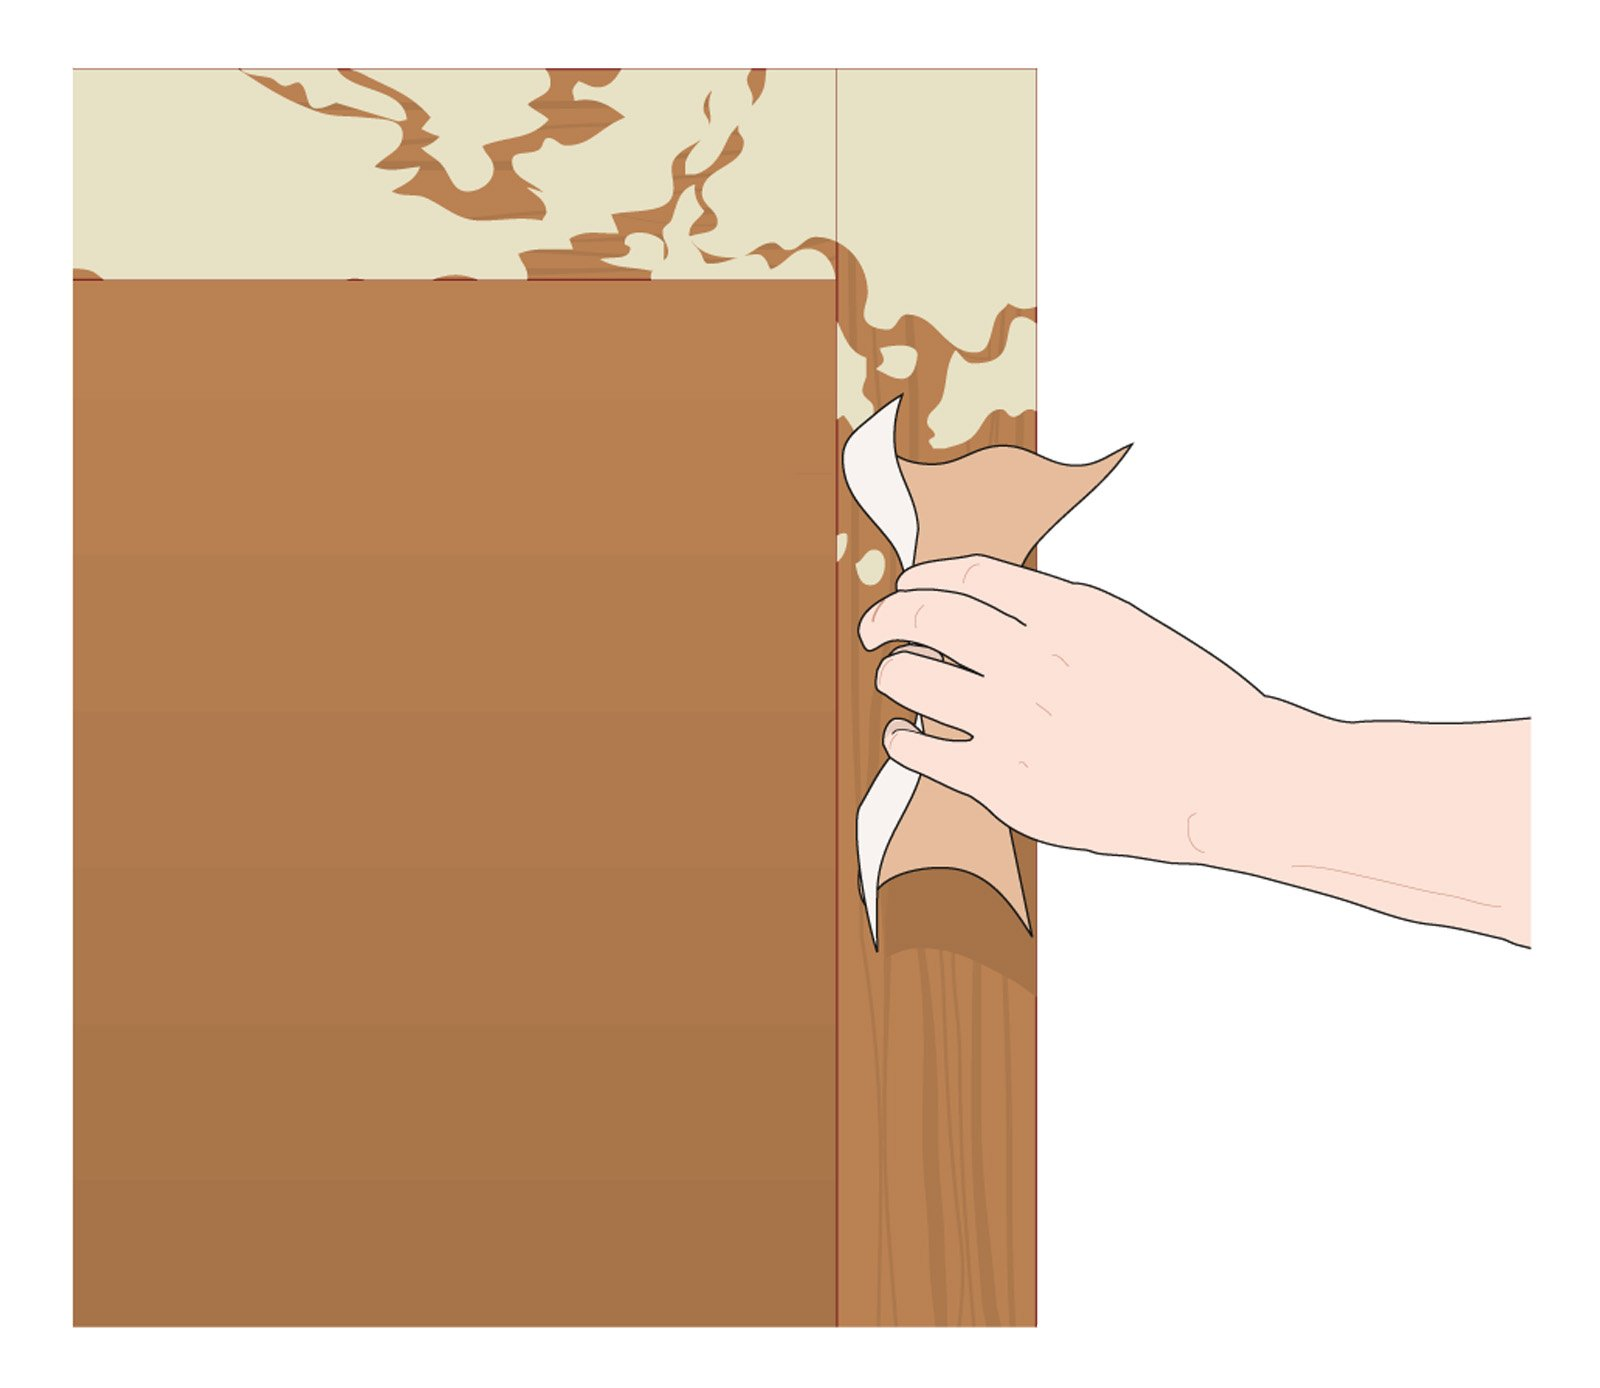 Dipingere una persiana in legno - Cose di Casa